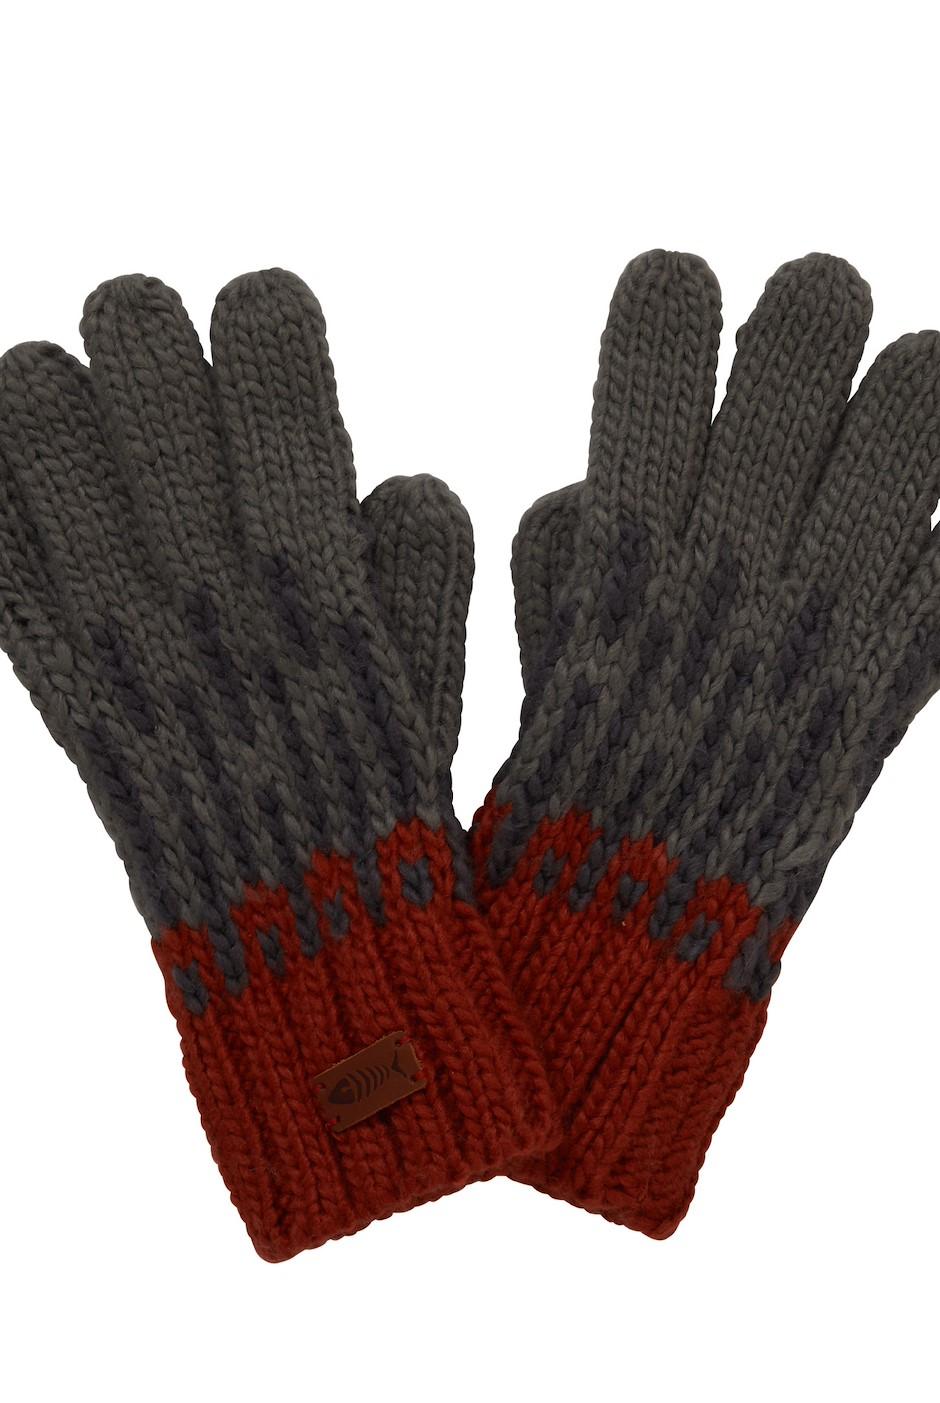 Kingston Fair Isle Knit Gloves Cement